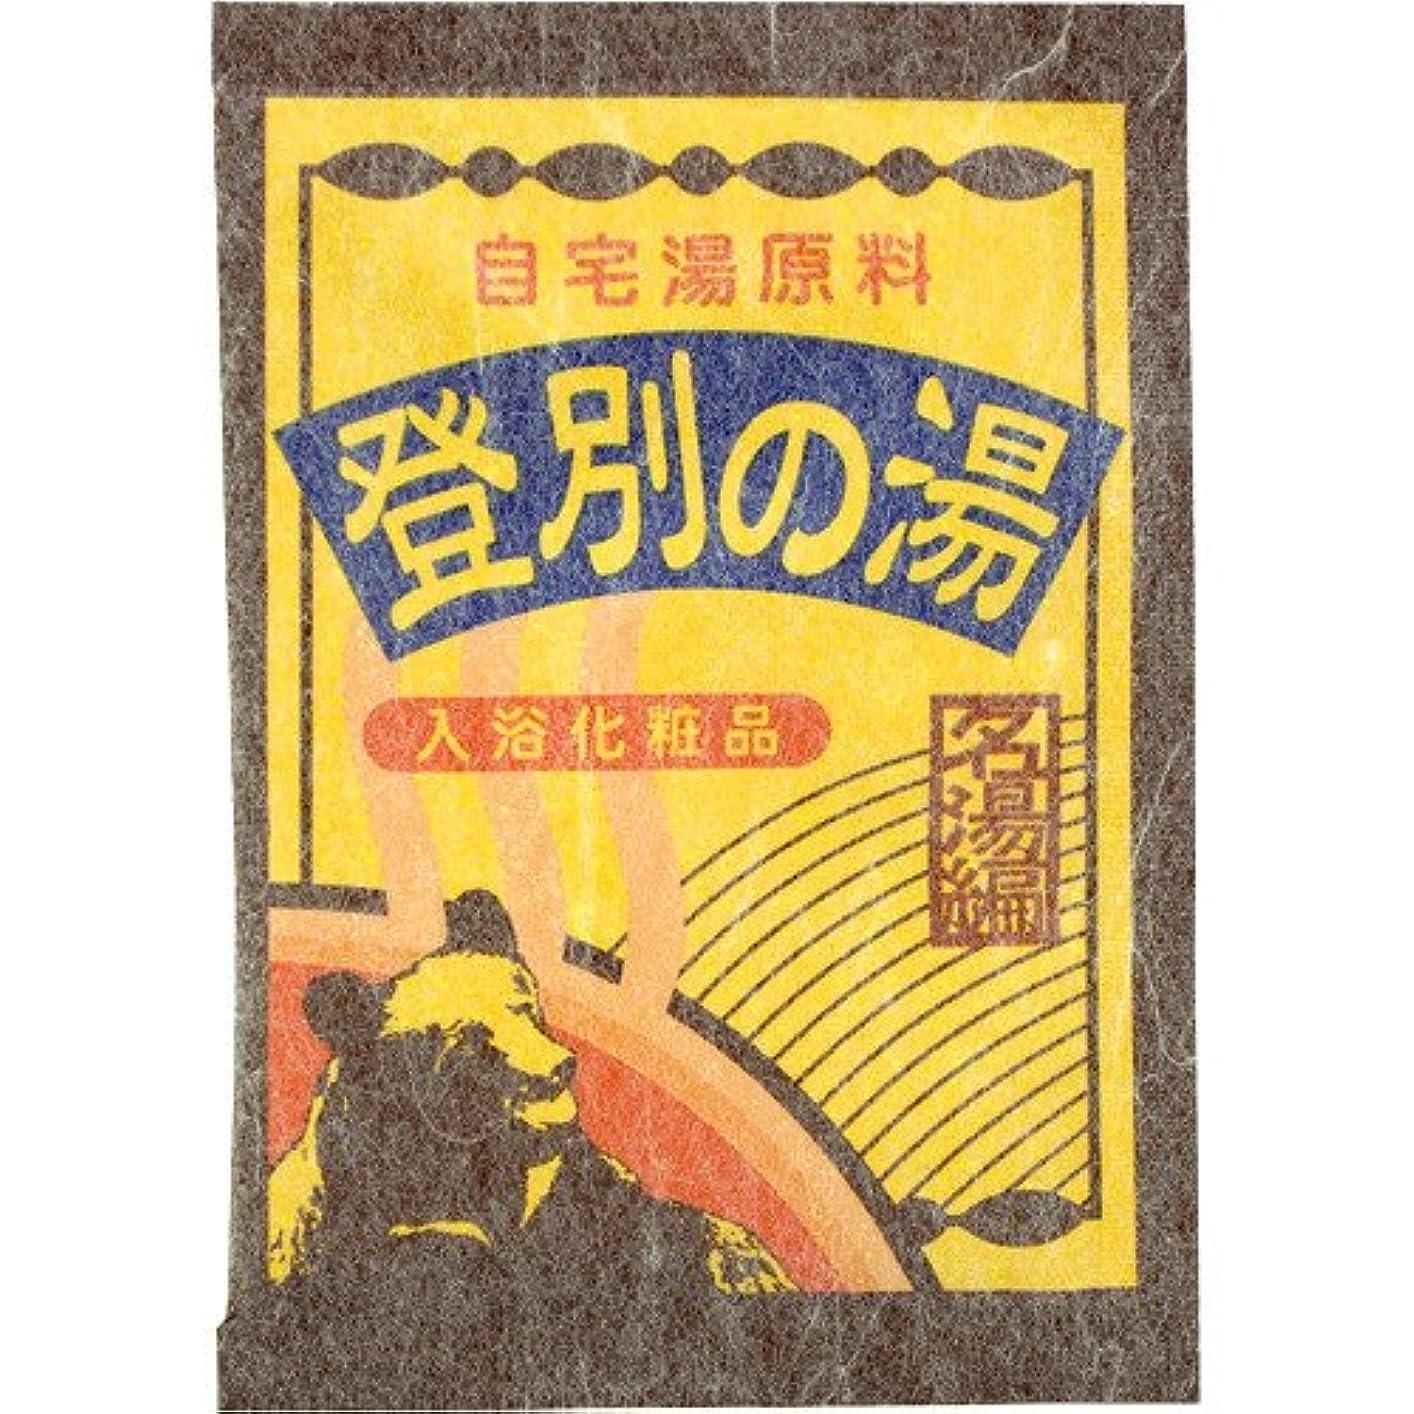 集中的な複数香港環境科学 自宅湯原料 名湯編 登別の湯 30g 4519445310101